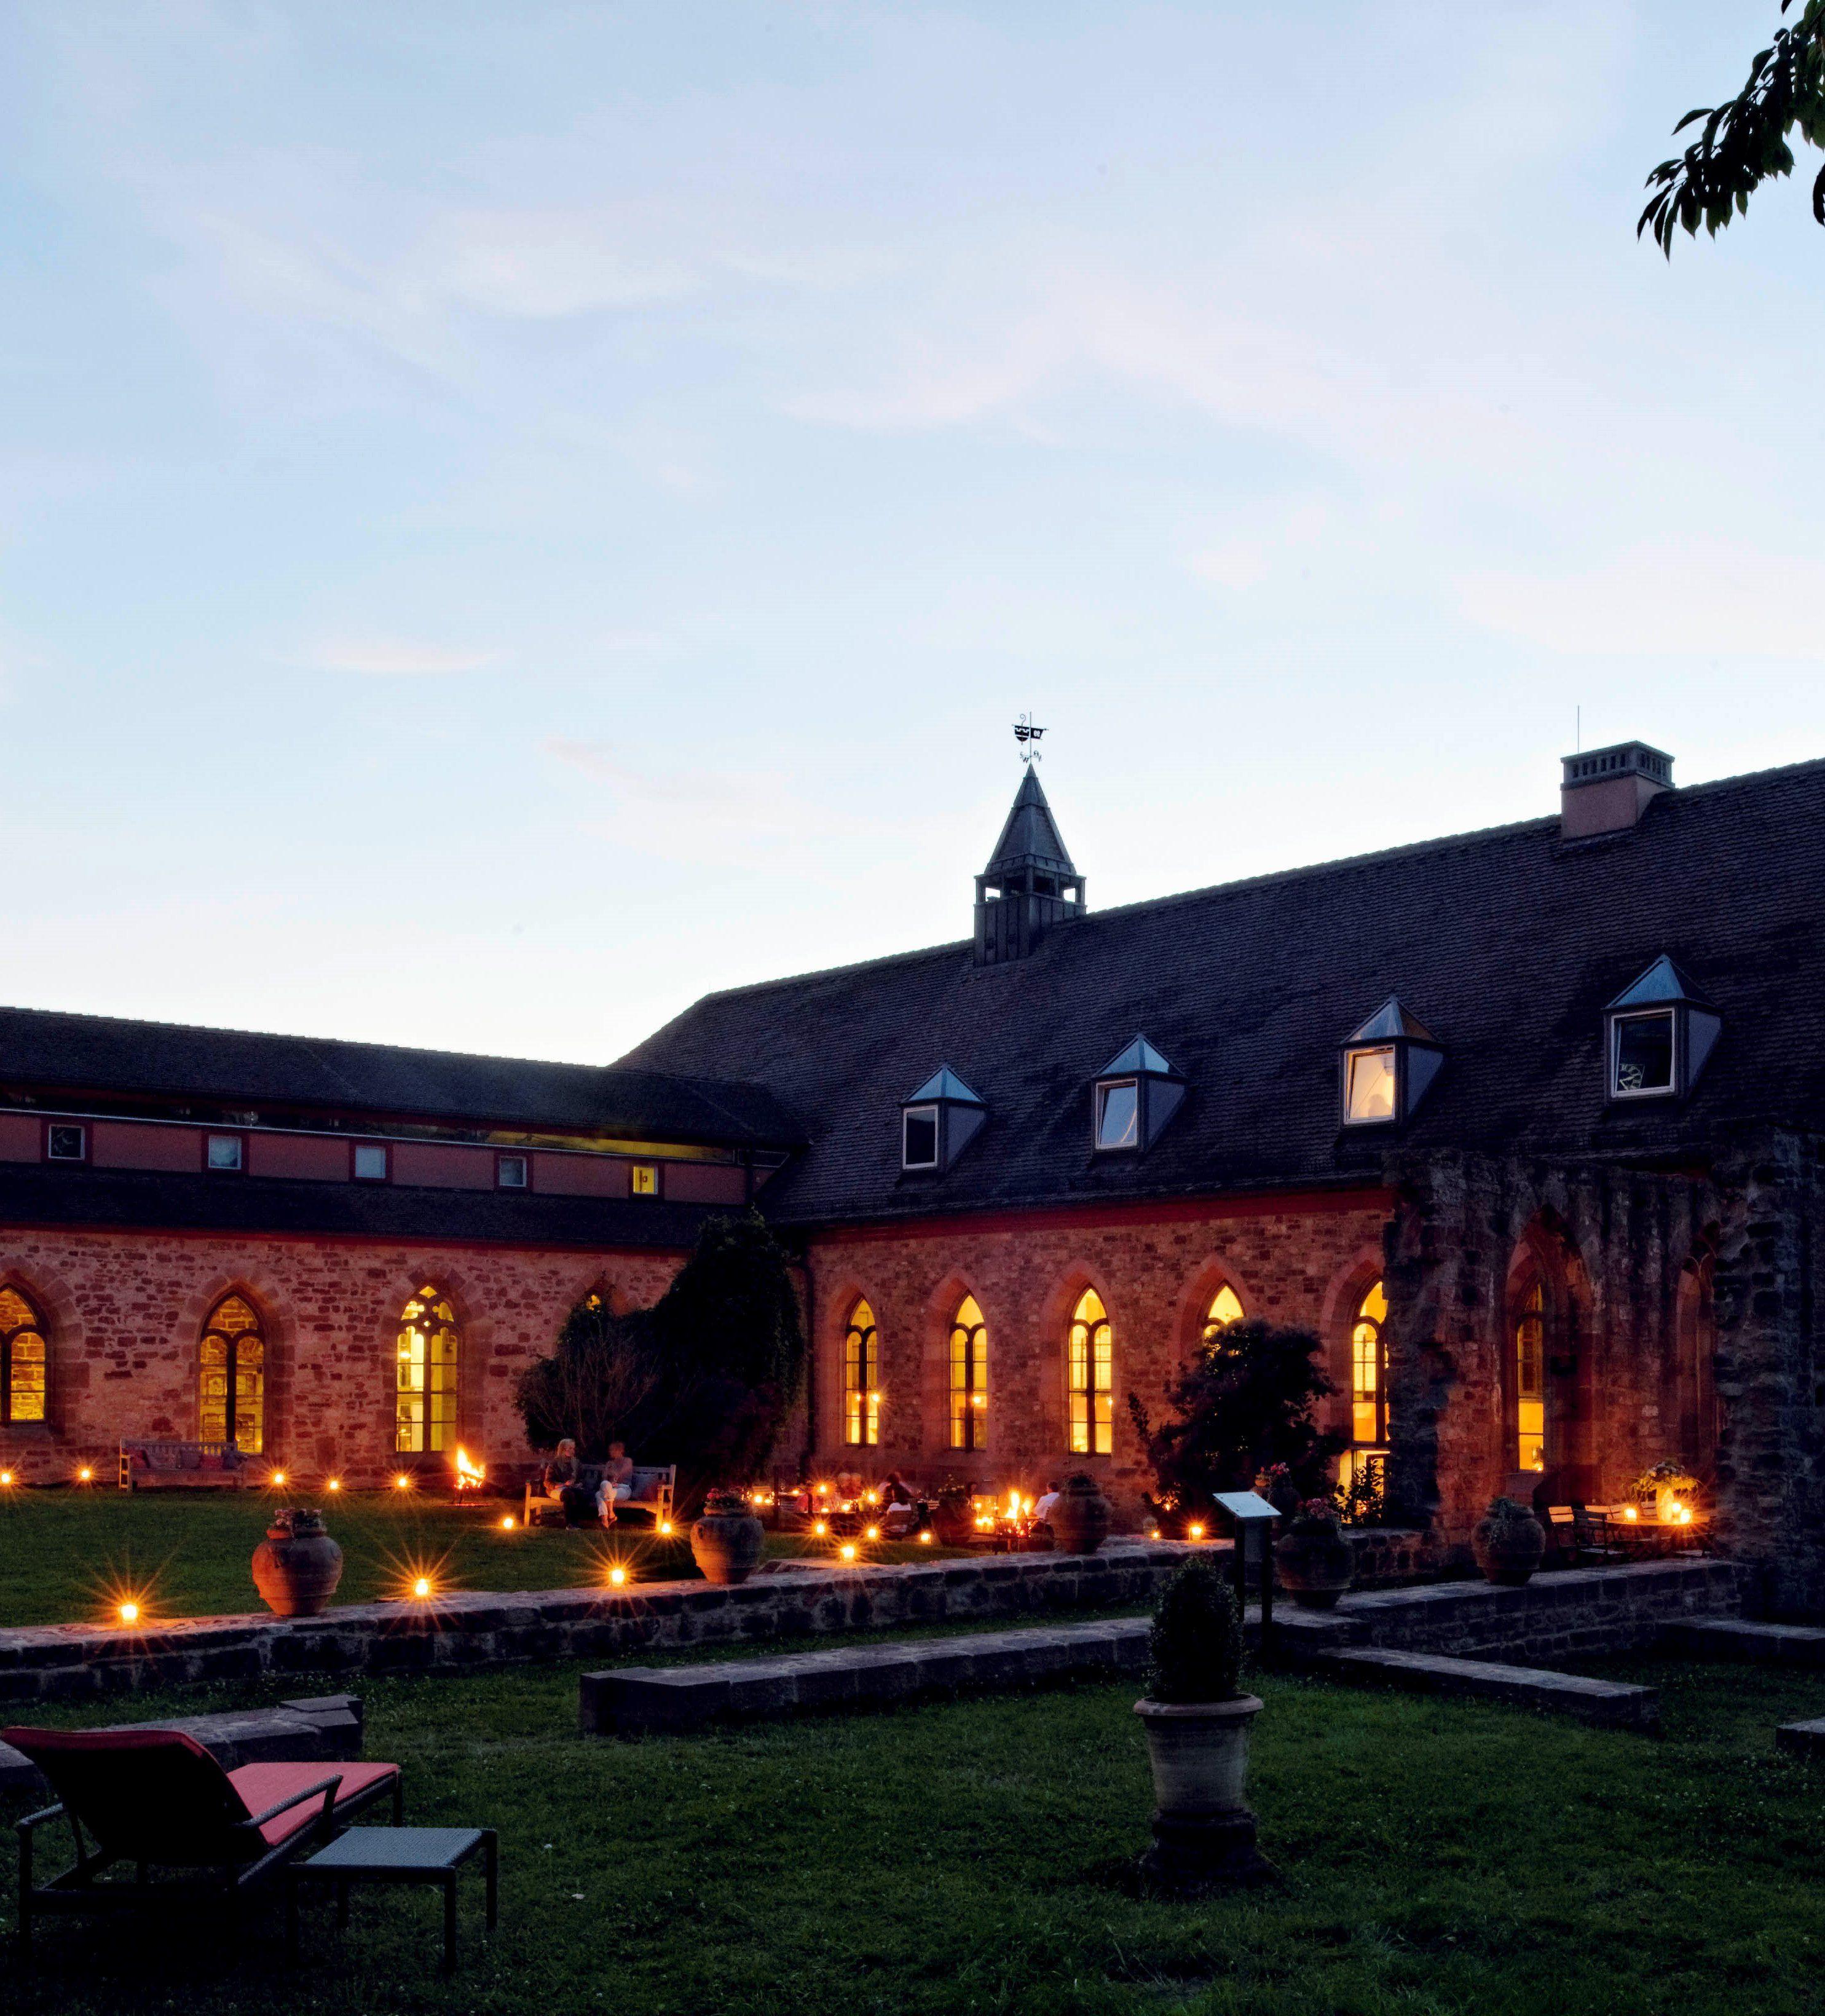 #Klosterinnenhof am #Abend - tolle #Stimmung